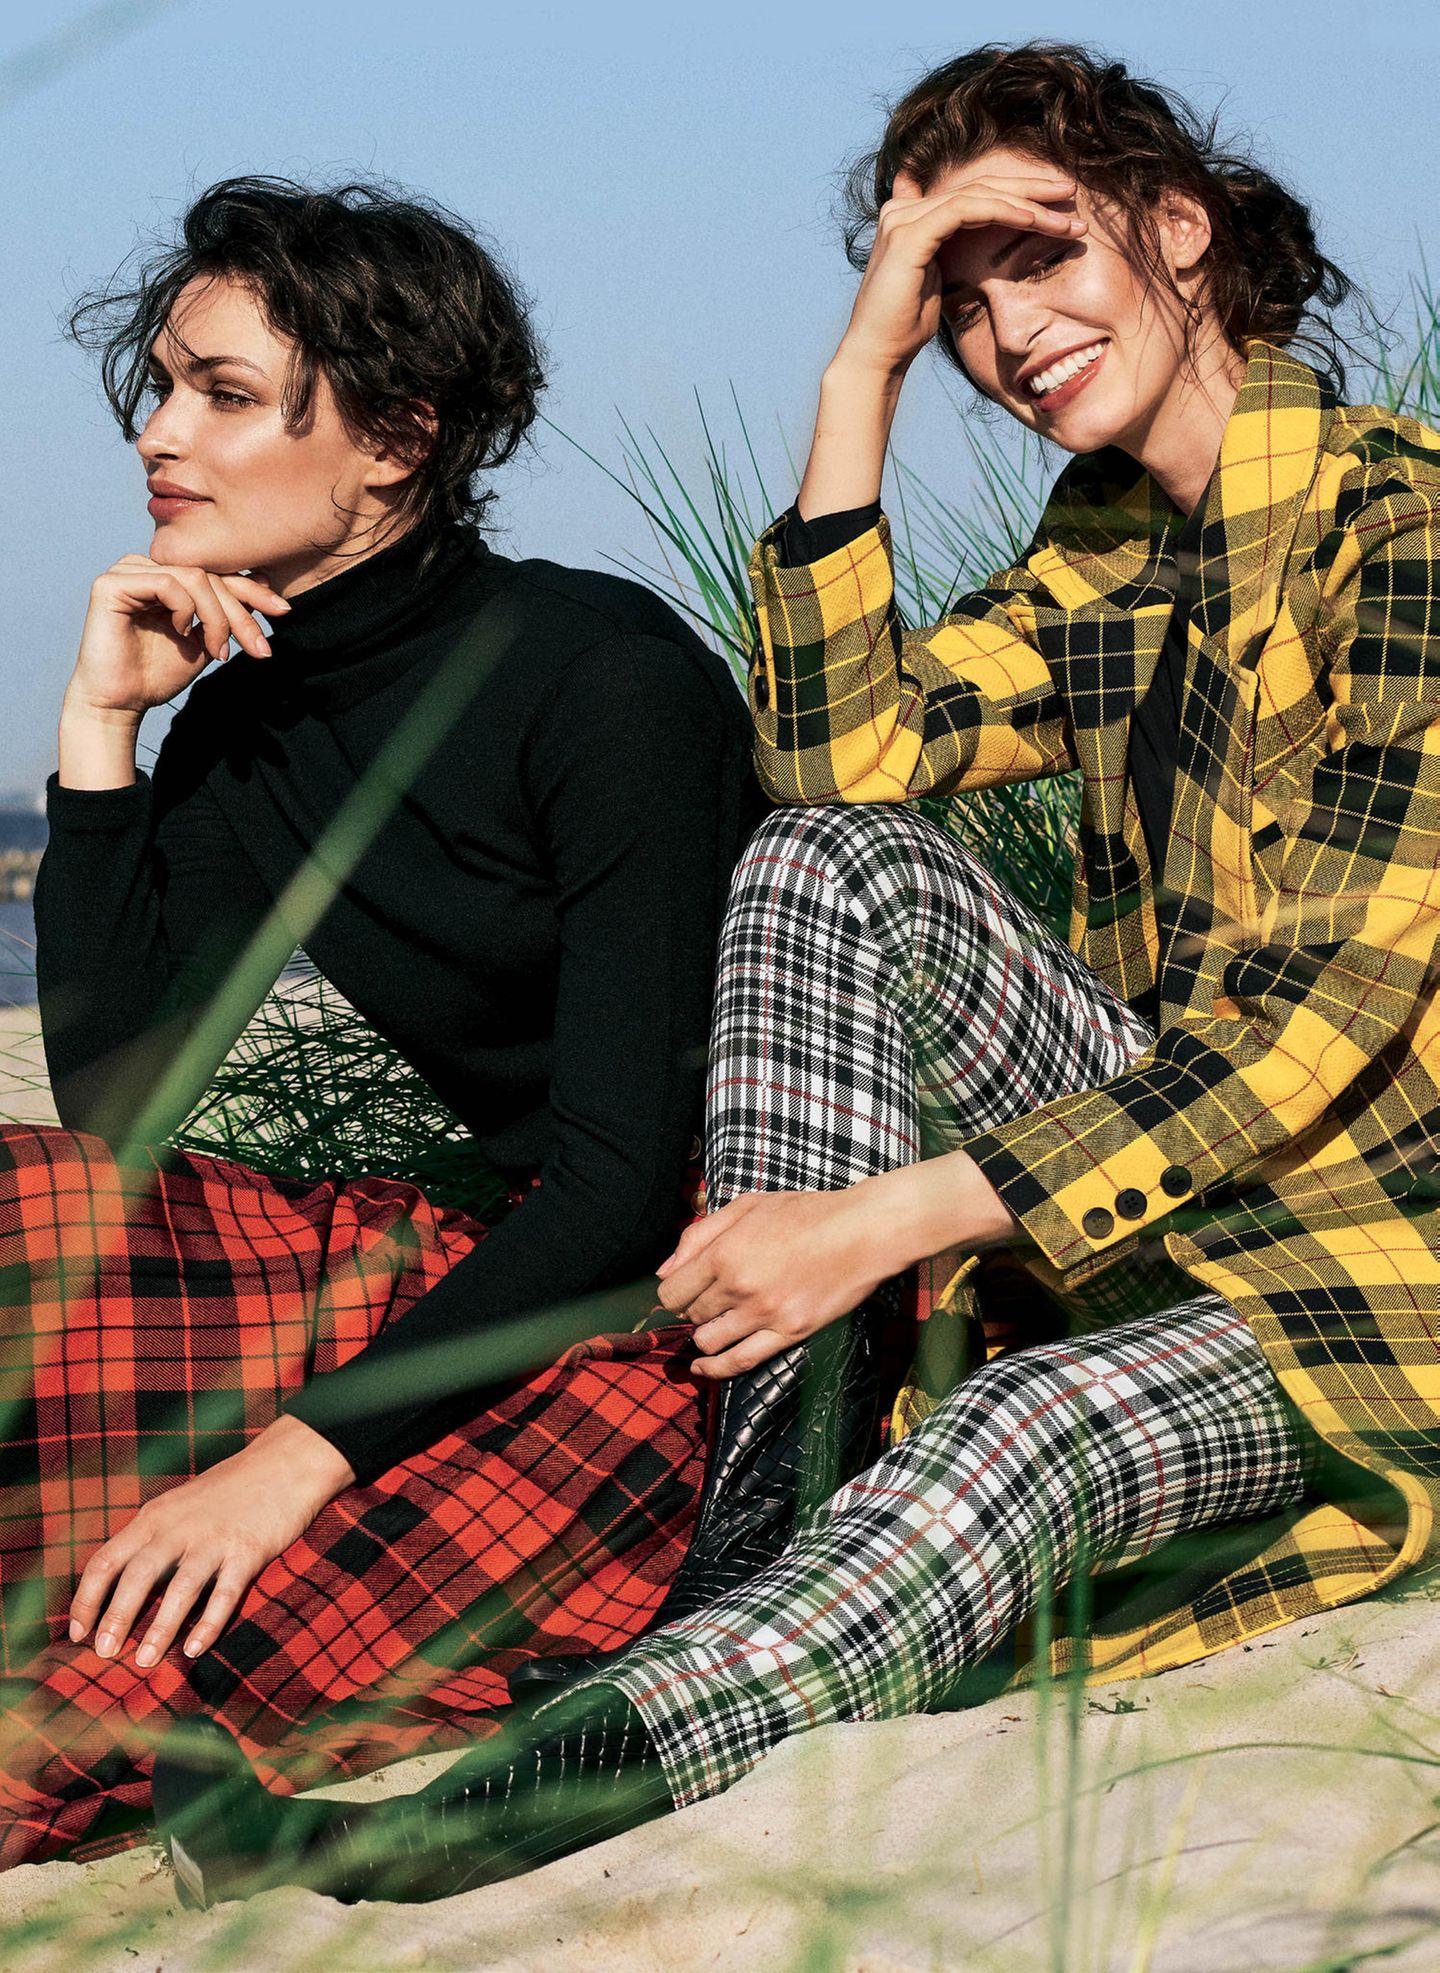 Zwei Frauen im Karo-Look